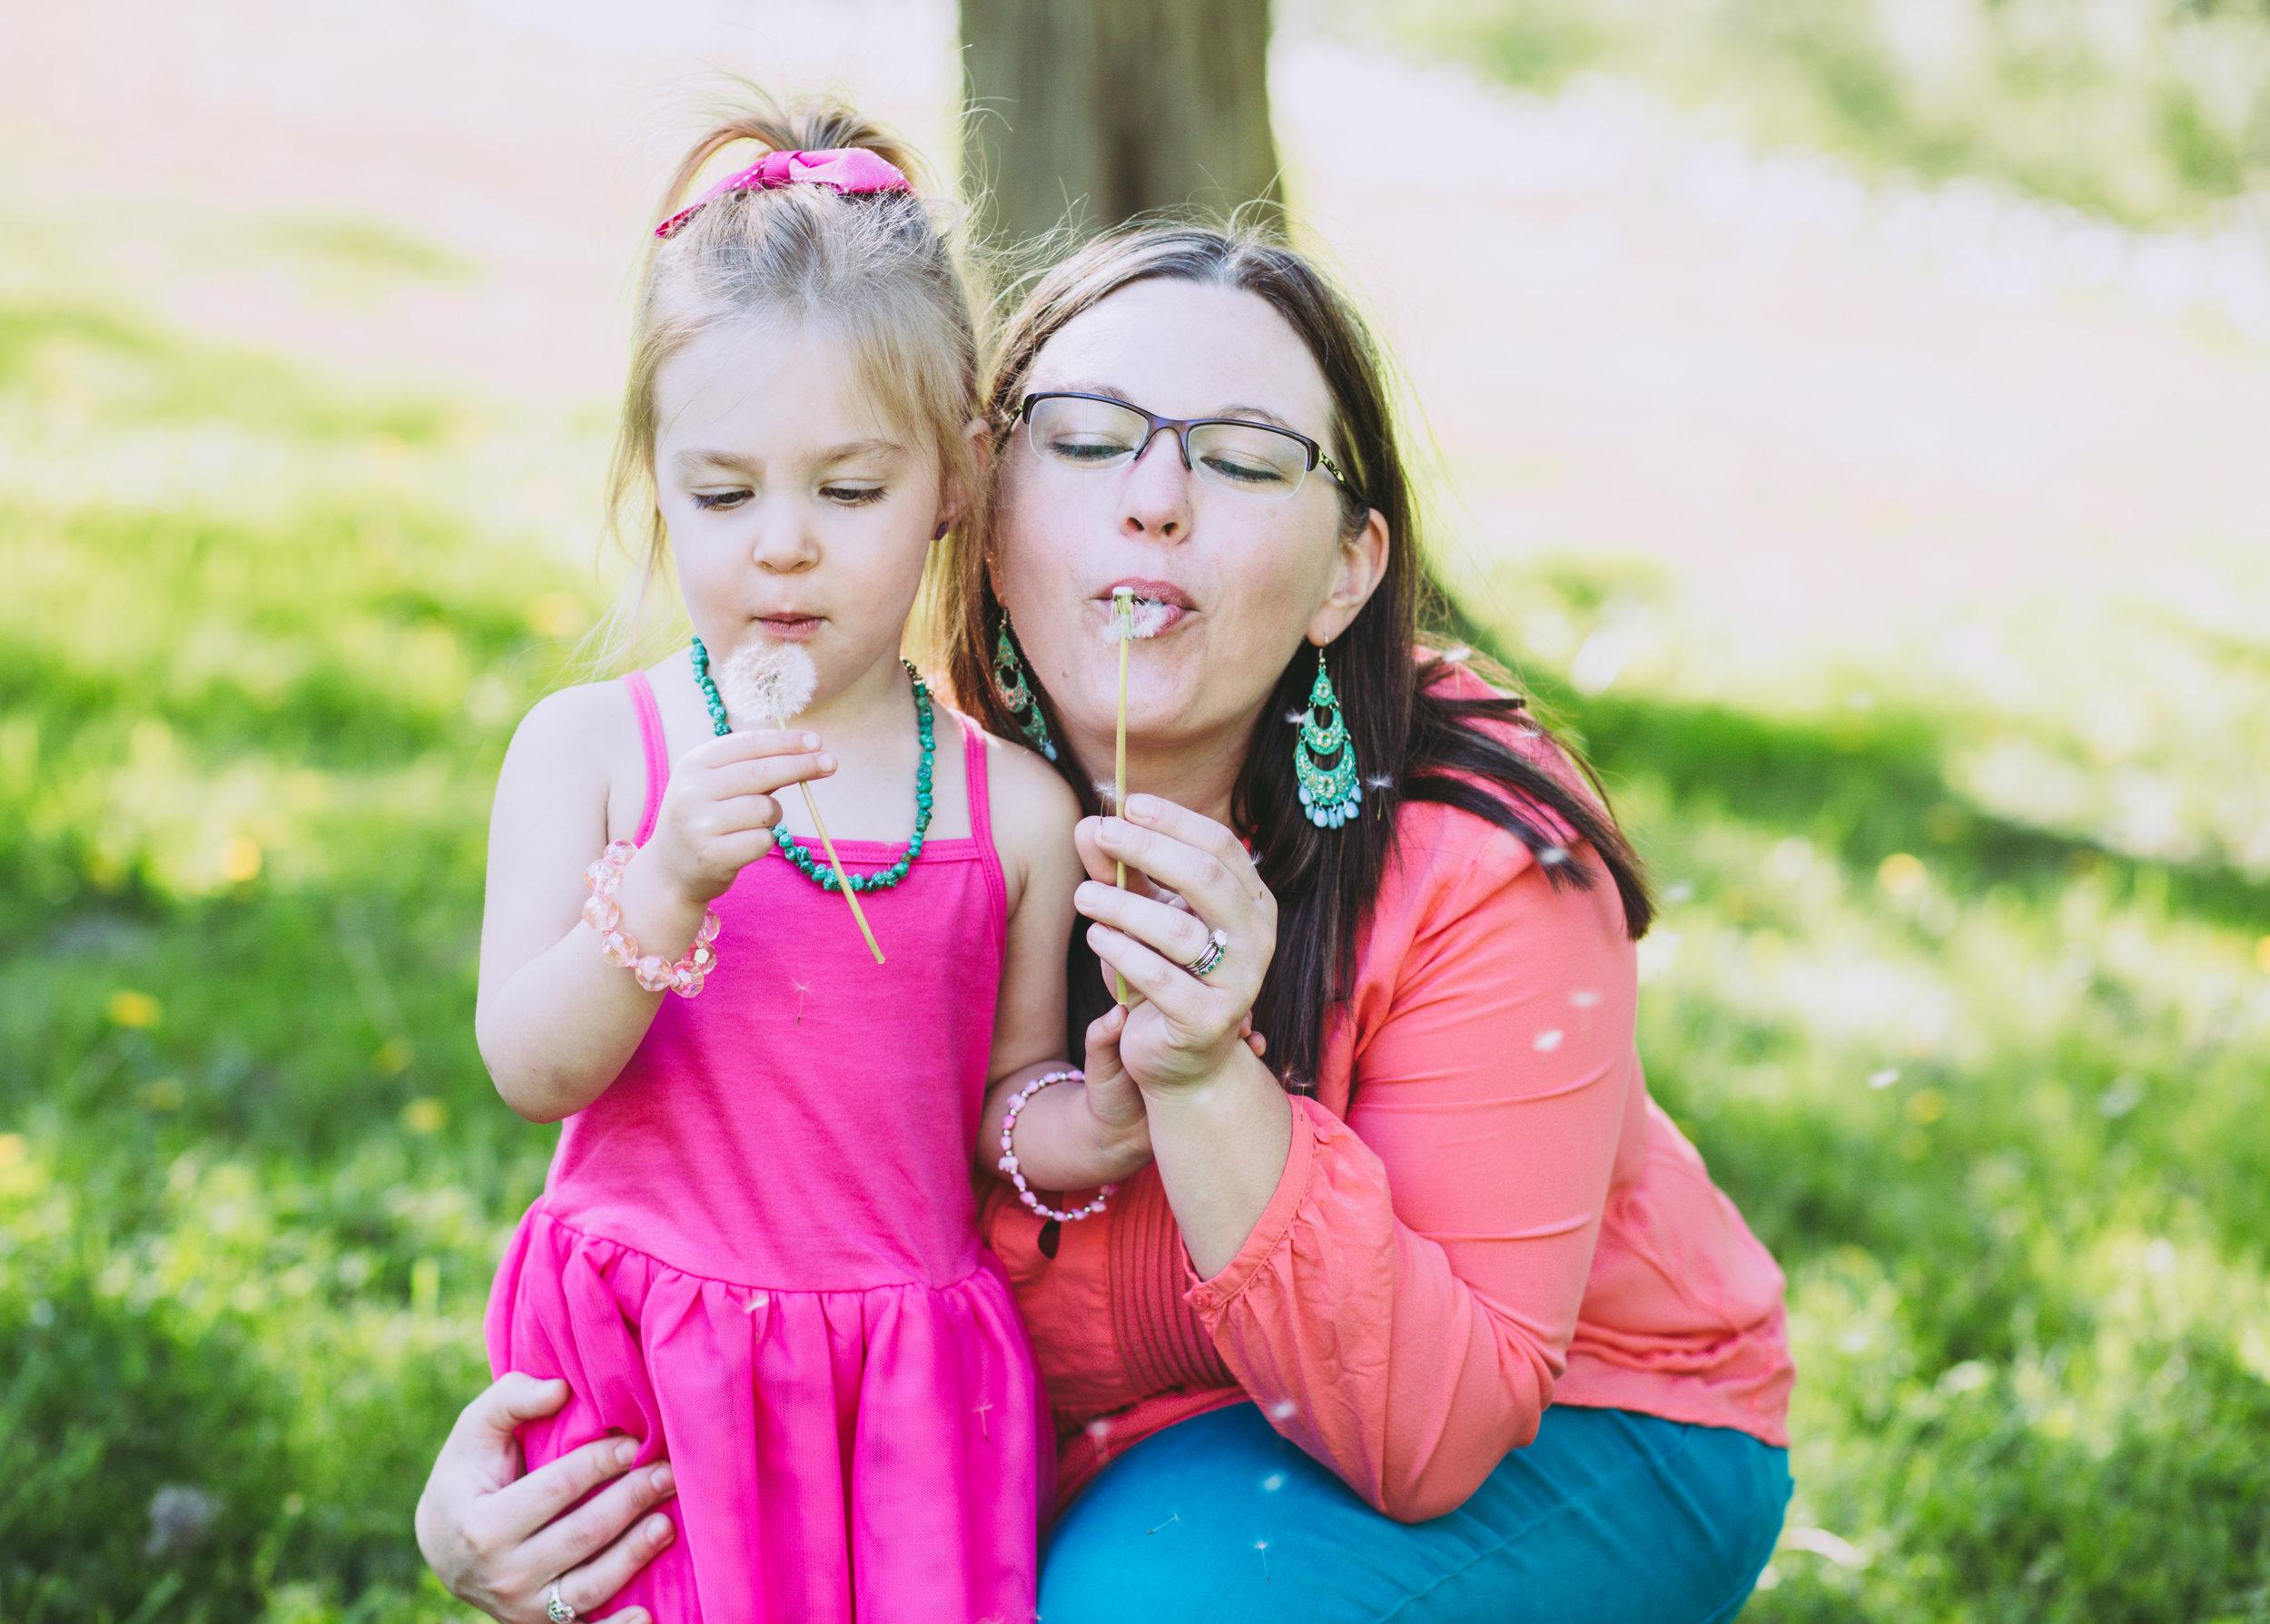 Mommy_and_me_photoshoot_HudsonWI_AWP4